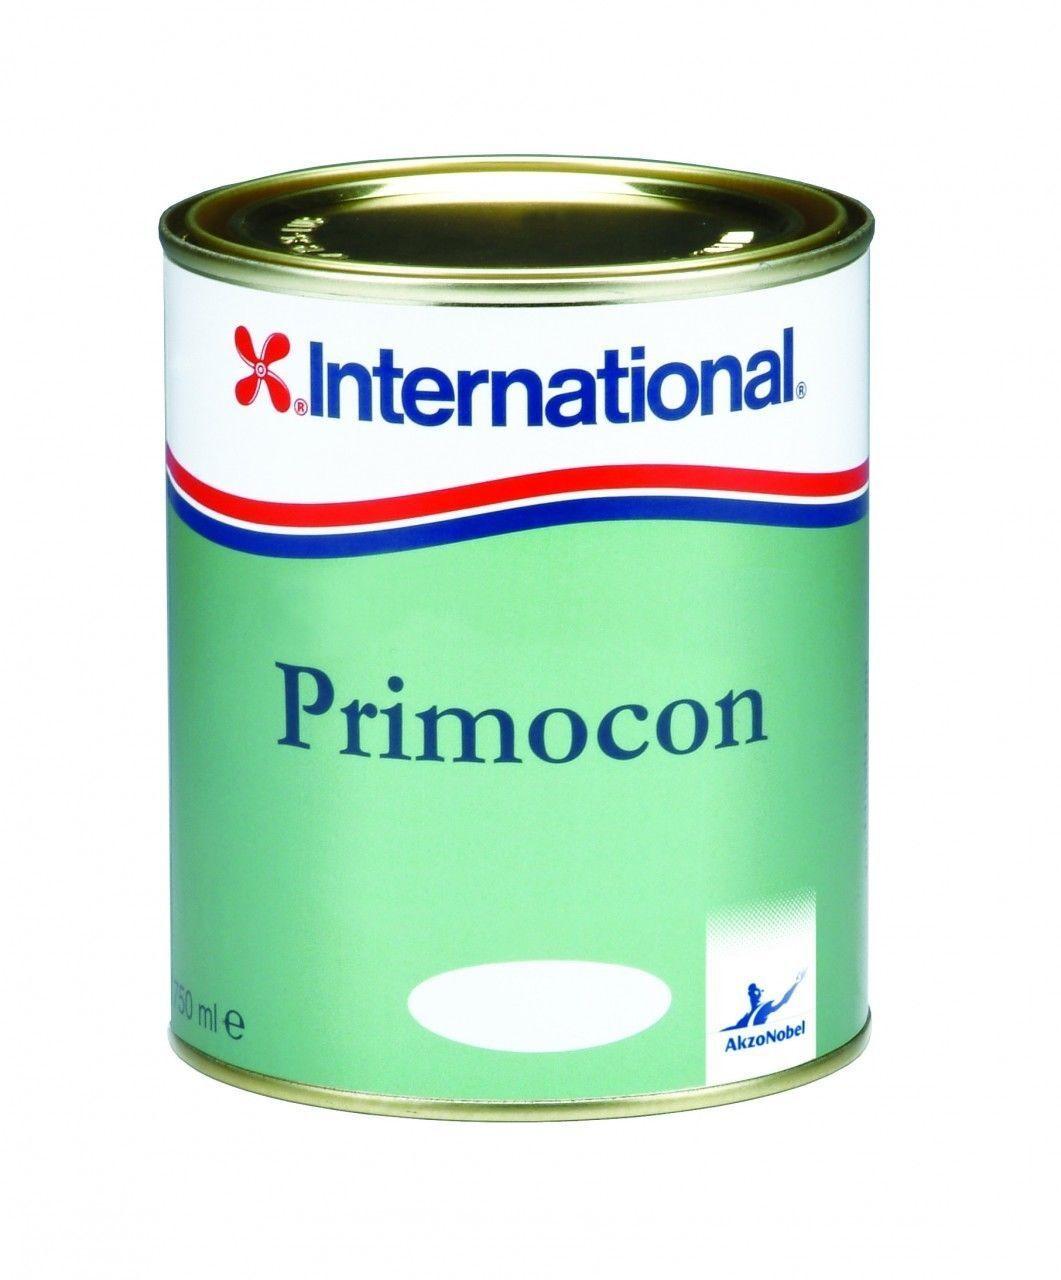 International Primocon 3 Sperrgrund Sperrgrund 3 Grundierung Stiefelfarbe GFK Holz Stahl Metall 5ffaa1